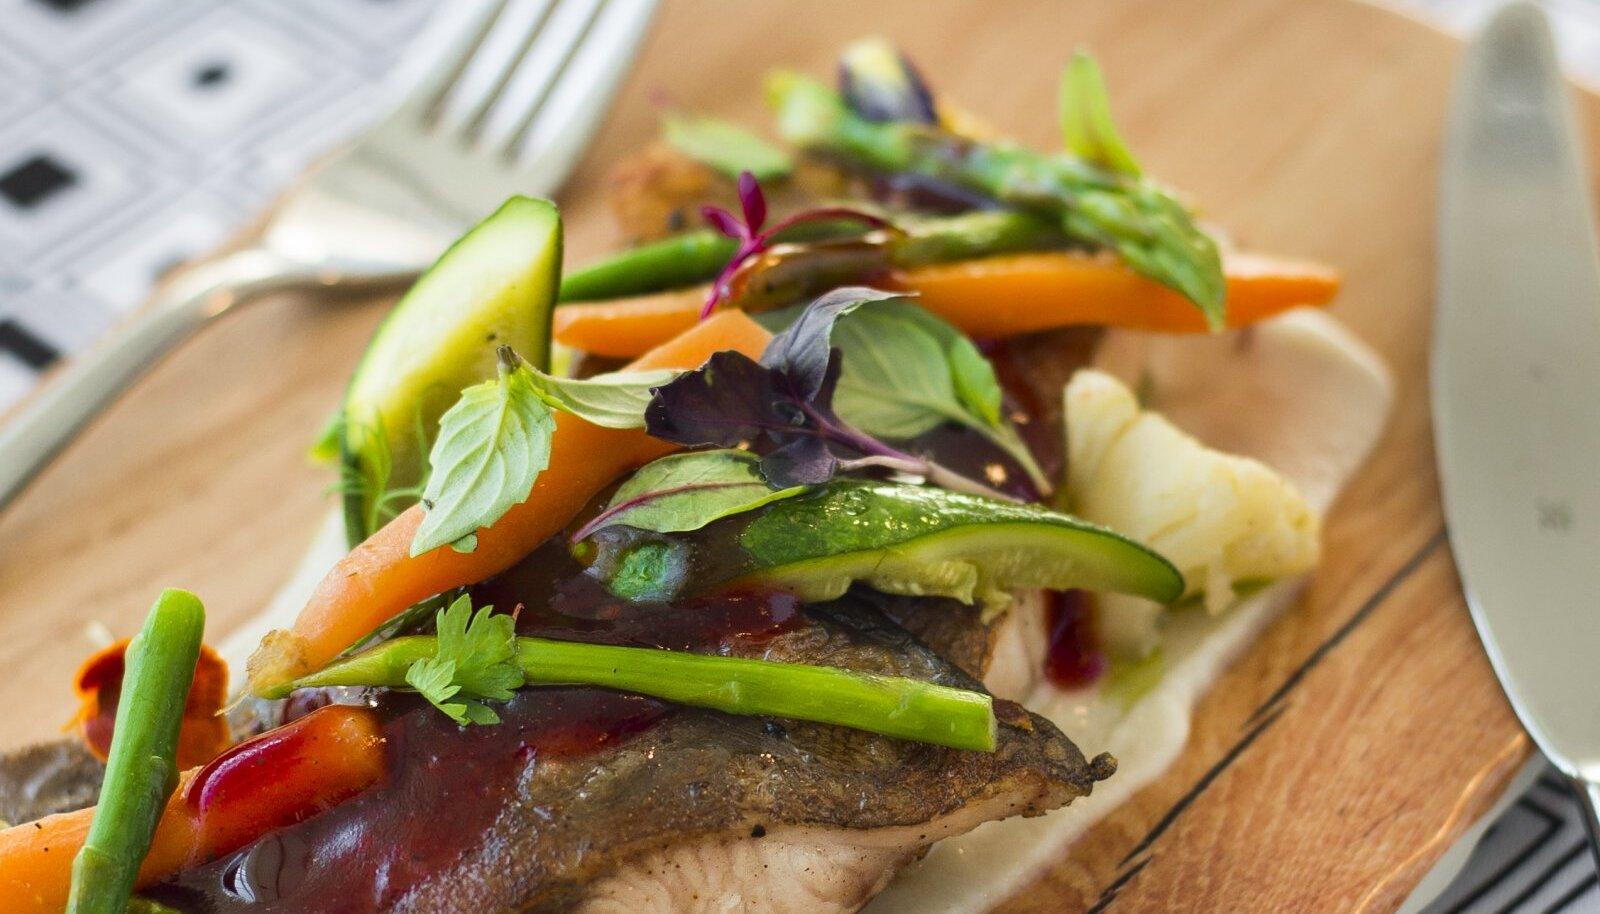 Hõrk klaarsäga serveeritud kartuli-juurselleripüreega ja võis praetud miniköögiviljadega